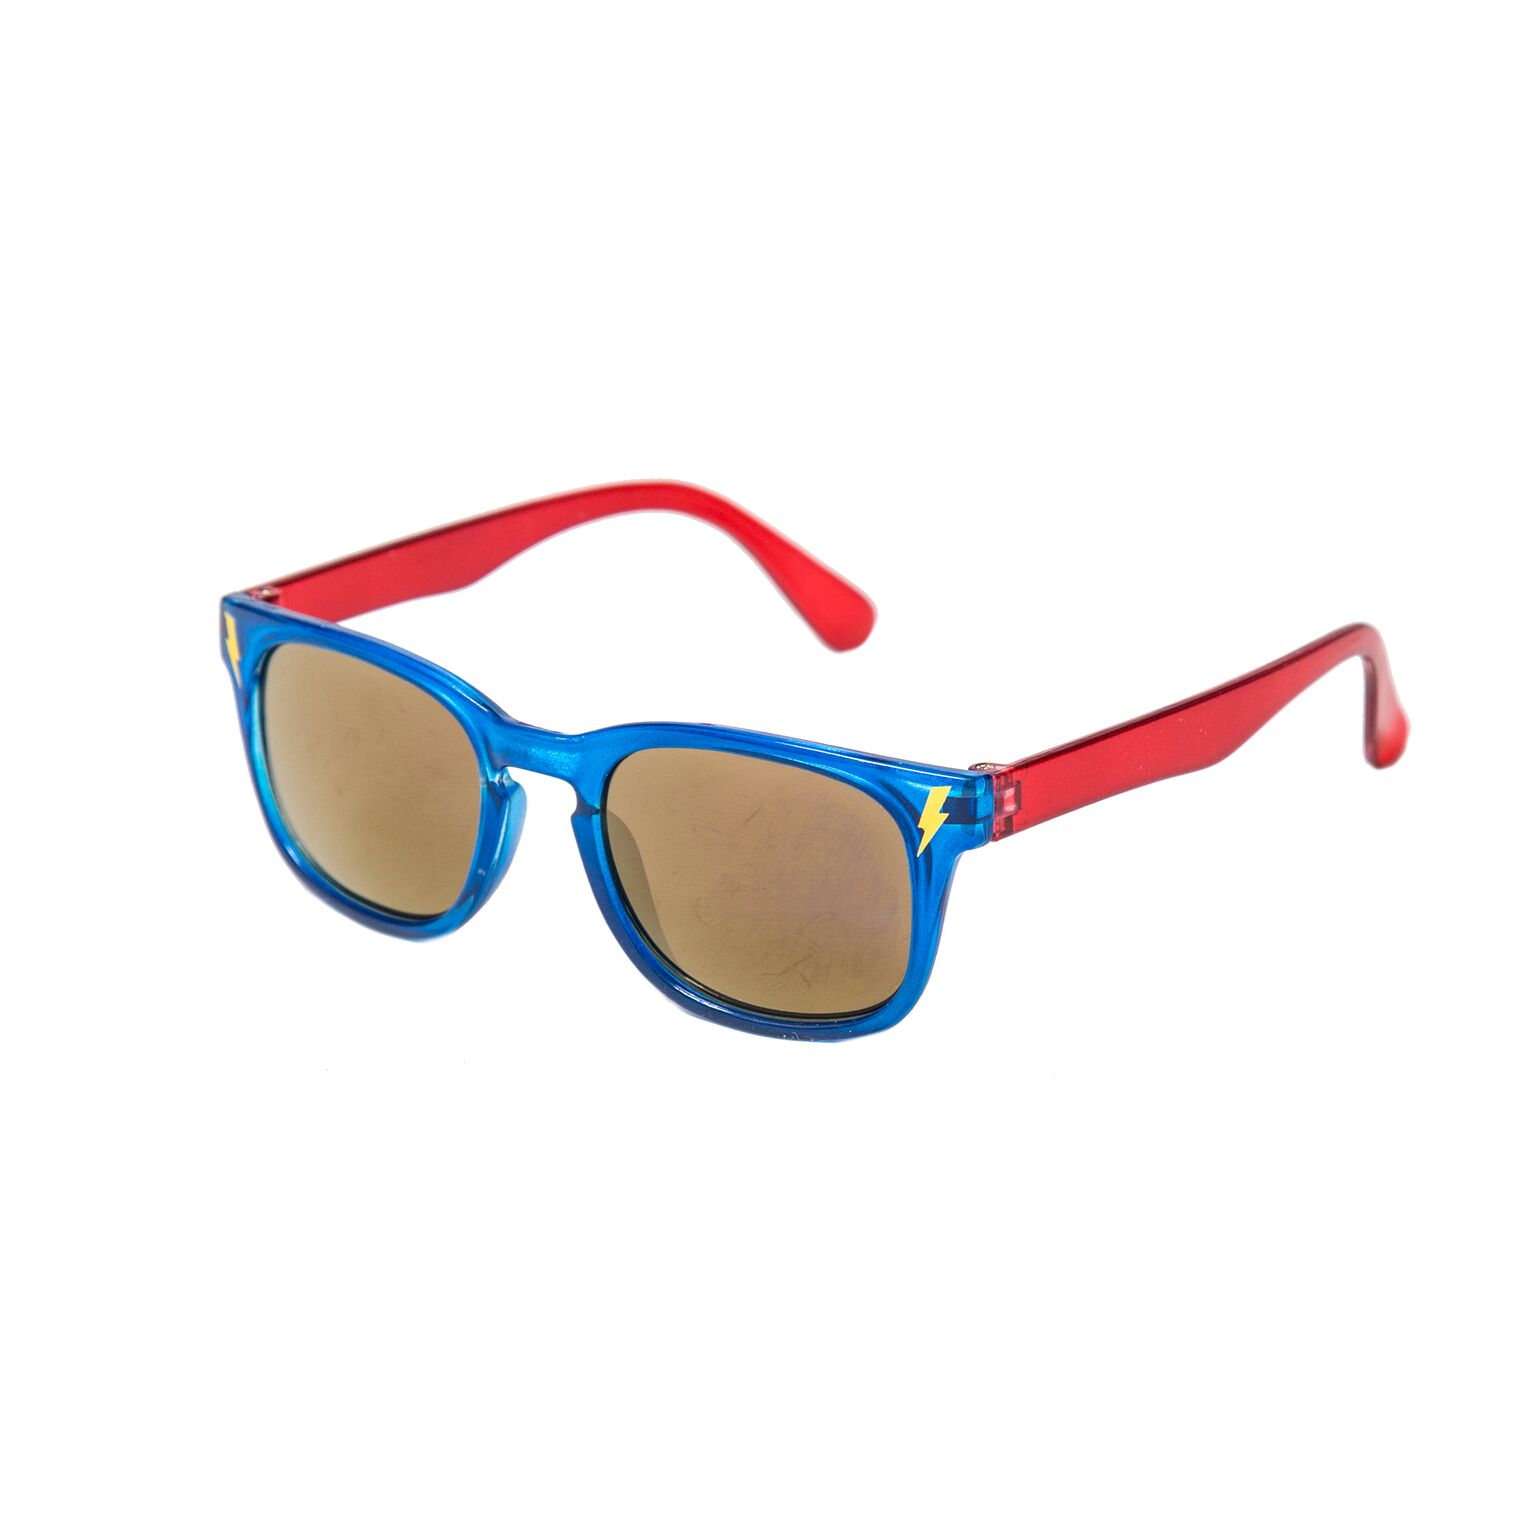 lunette de soleil bleu et rouge clair rockalula mode gar on 3 8 ans mode gar on j 39 aime. Black Bedroom Furniture Sets. Home Design Ideas